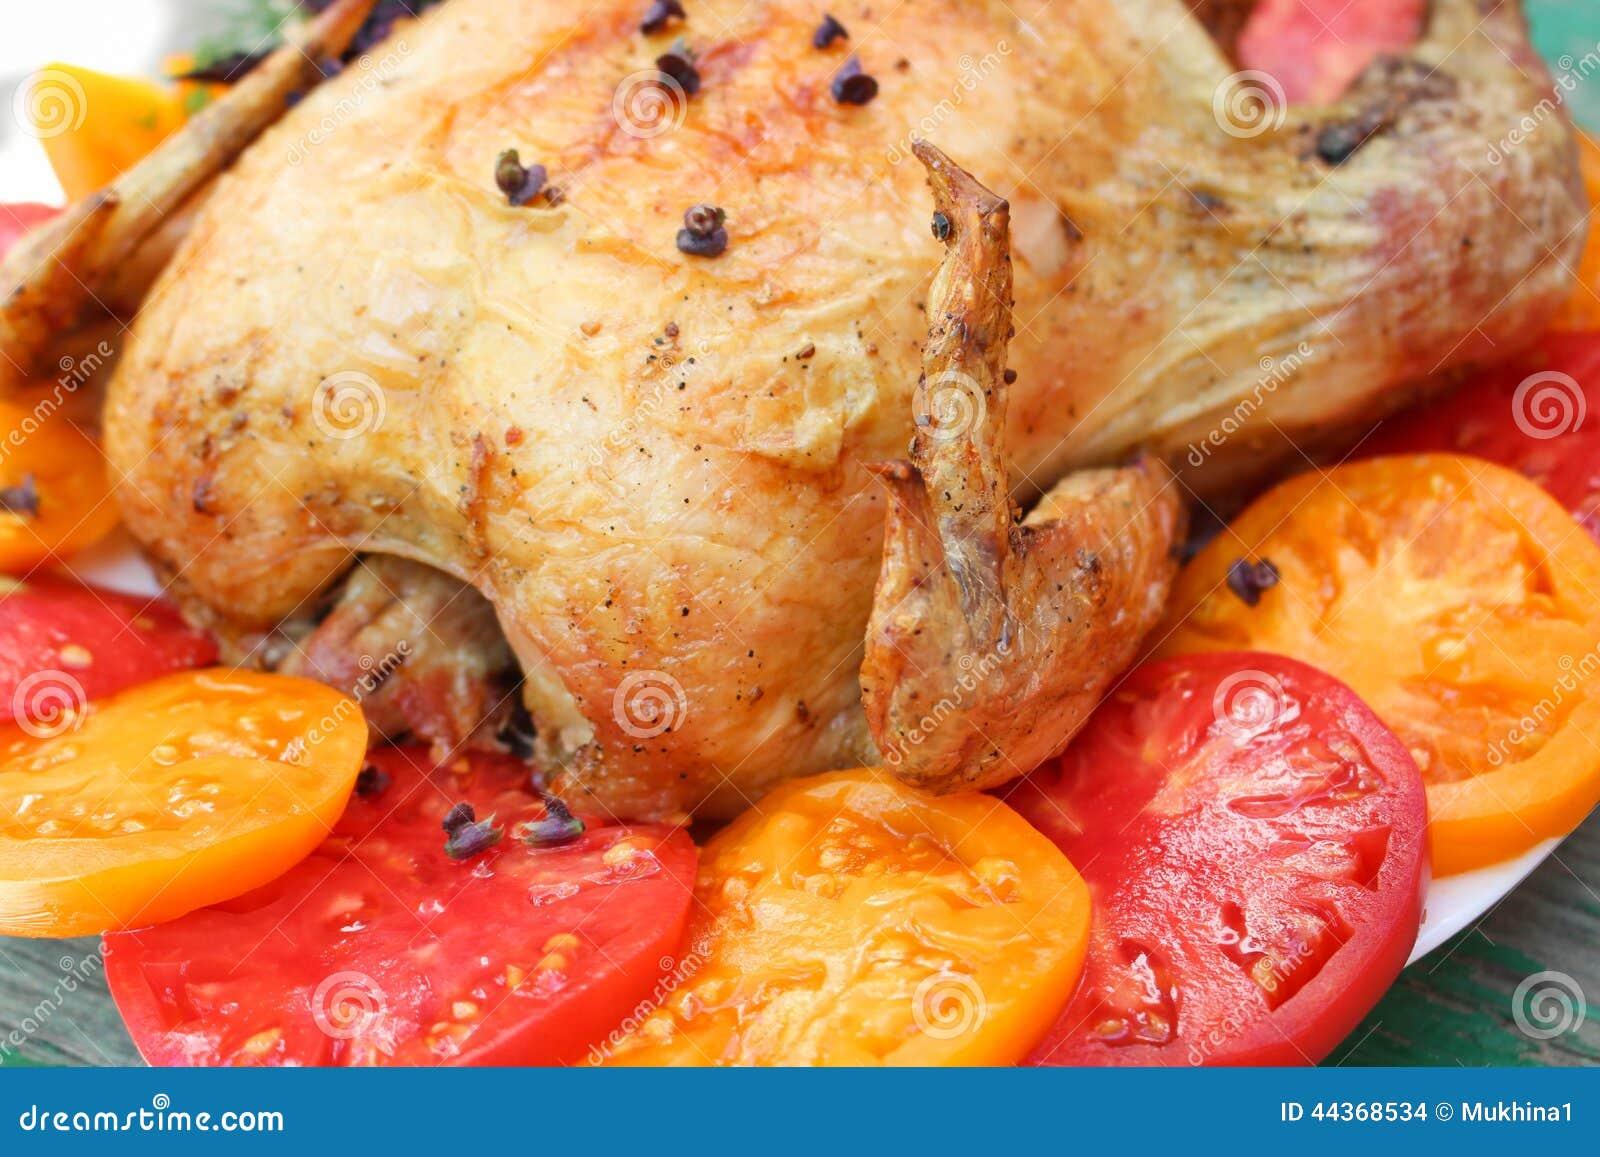 Pieczony kurczak z pomidorami na białym talerzu